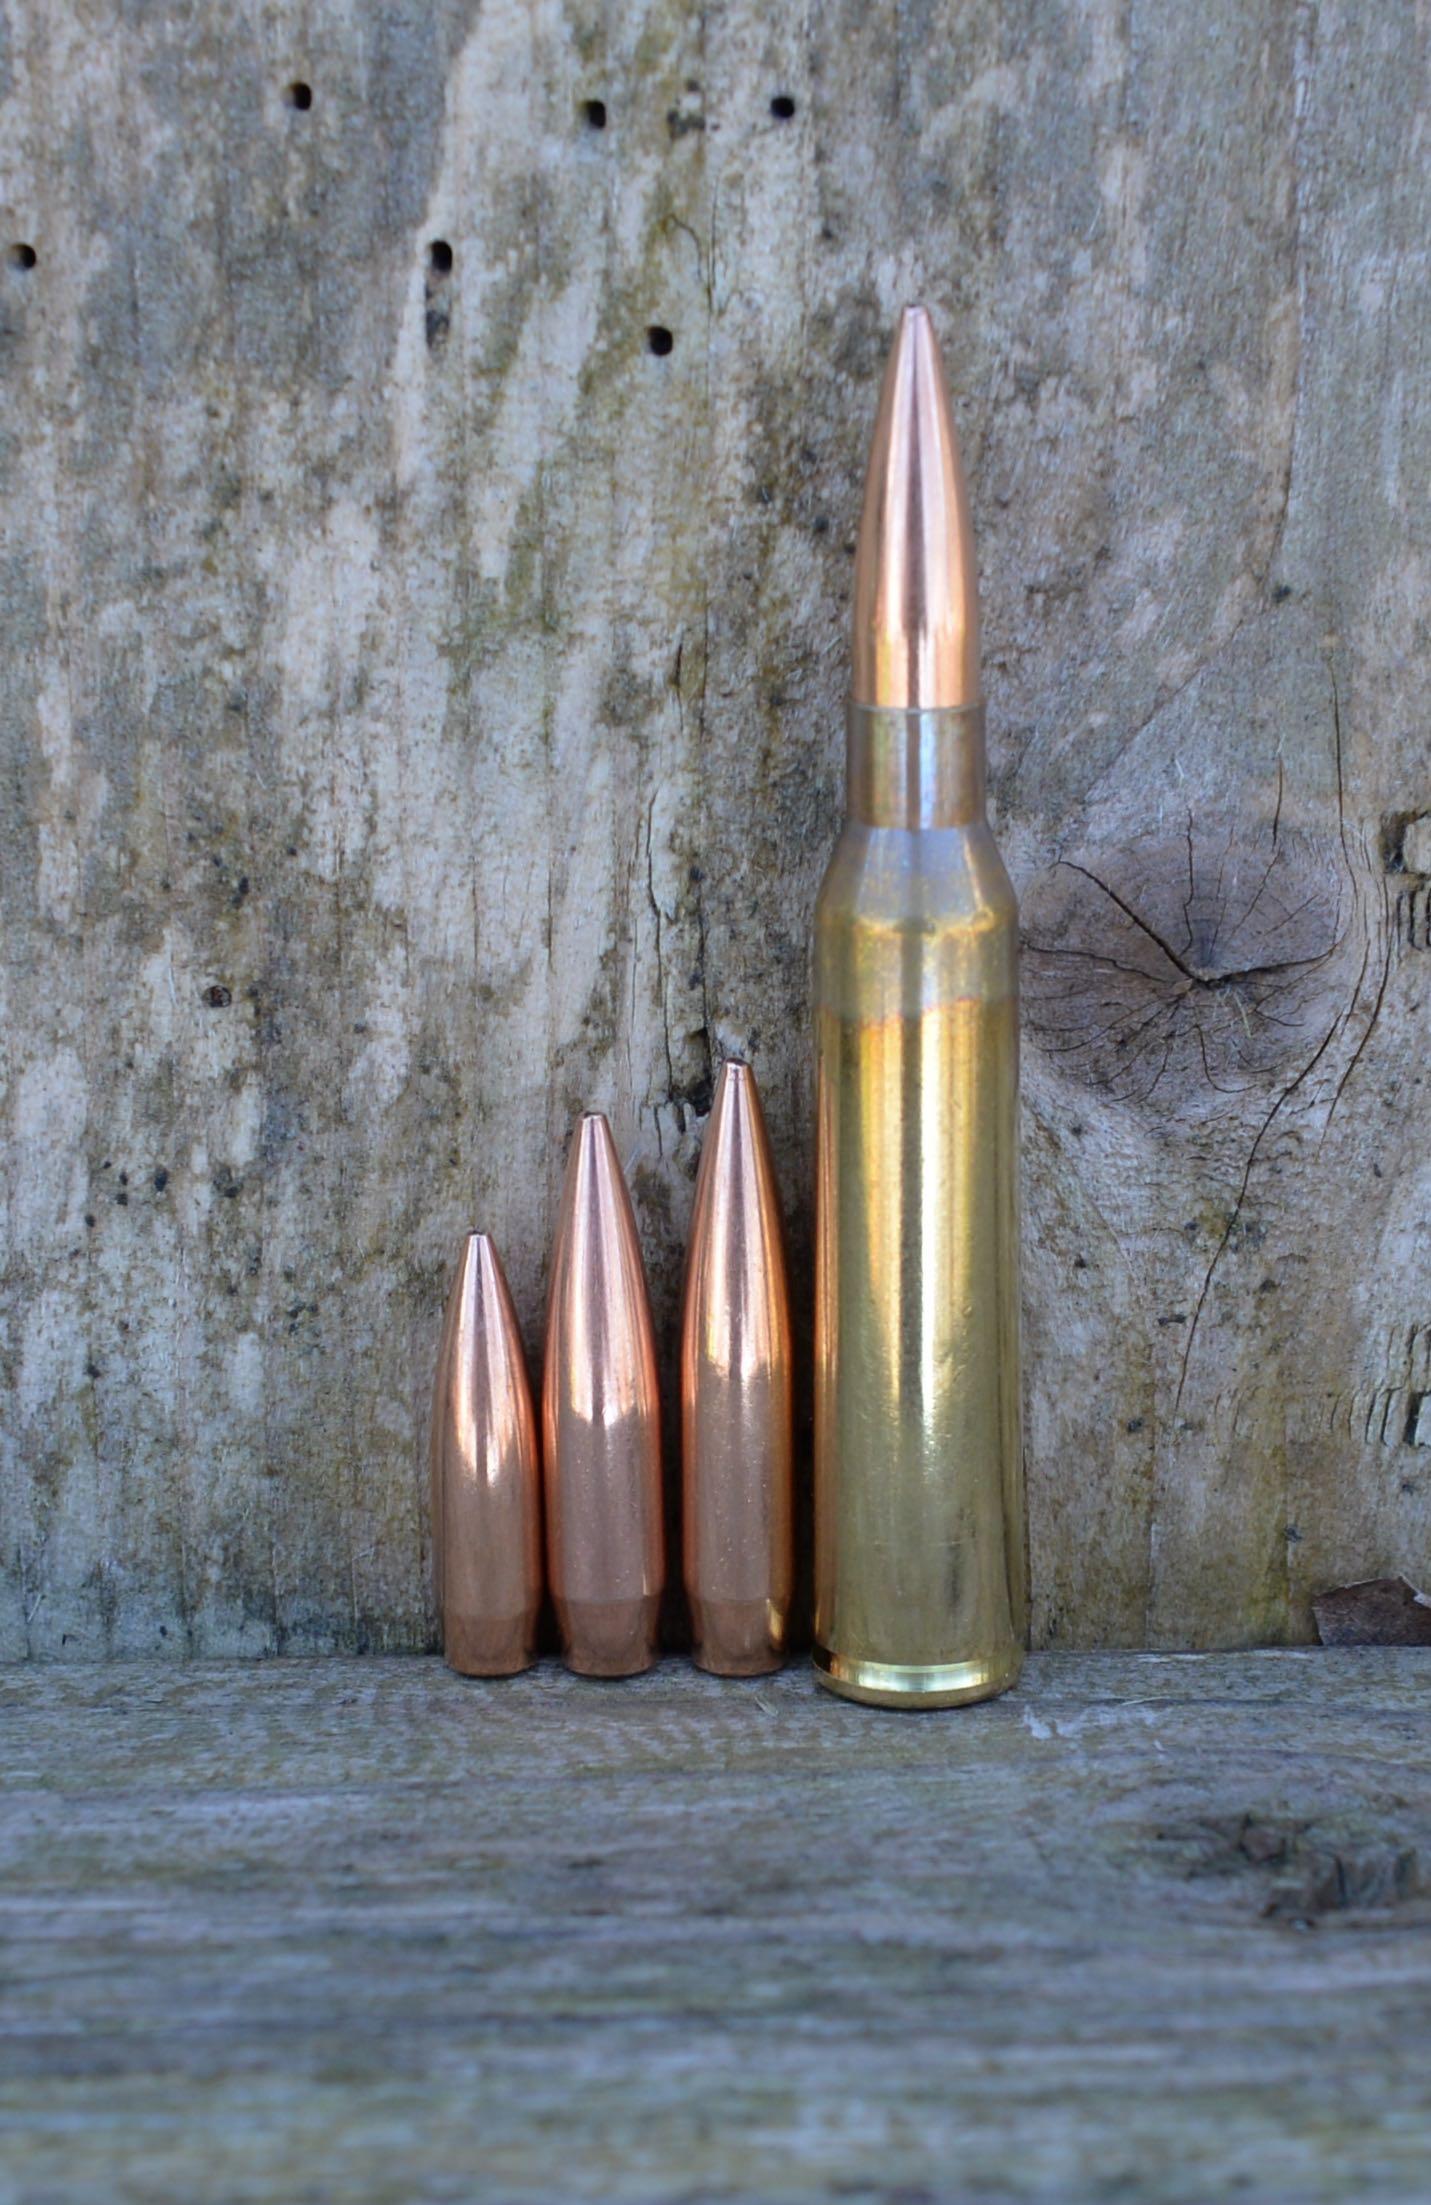 338 Lapua Magnum: Barrel Length Versus Muzzle Velocity (30-17 inches